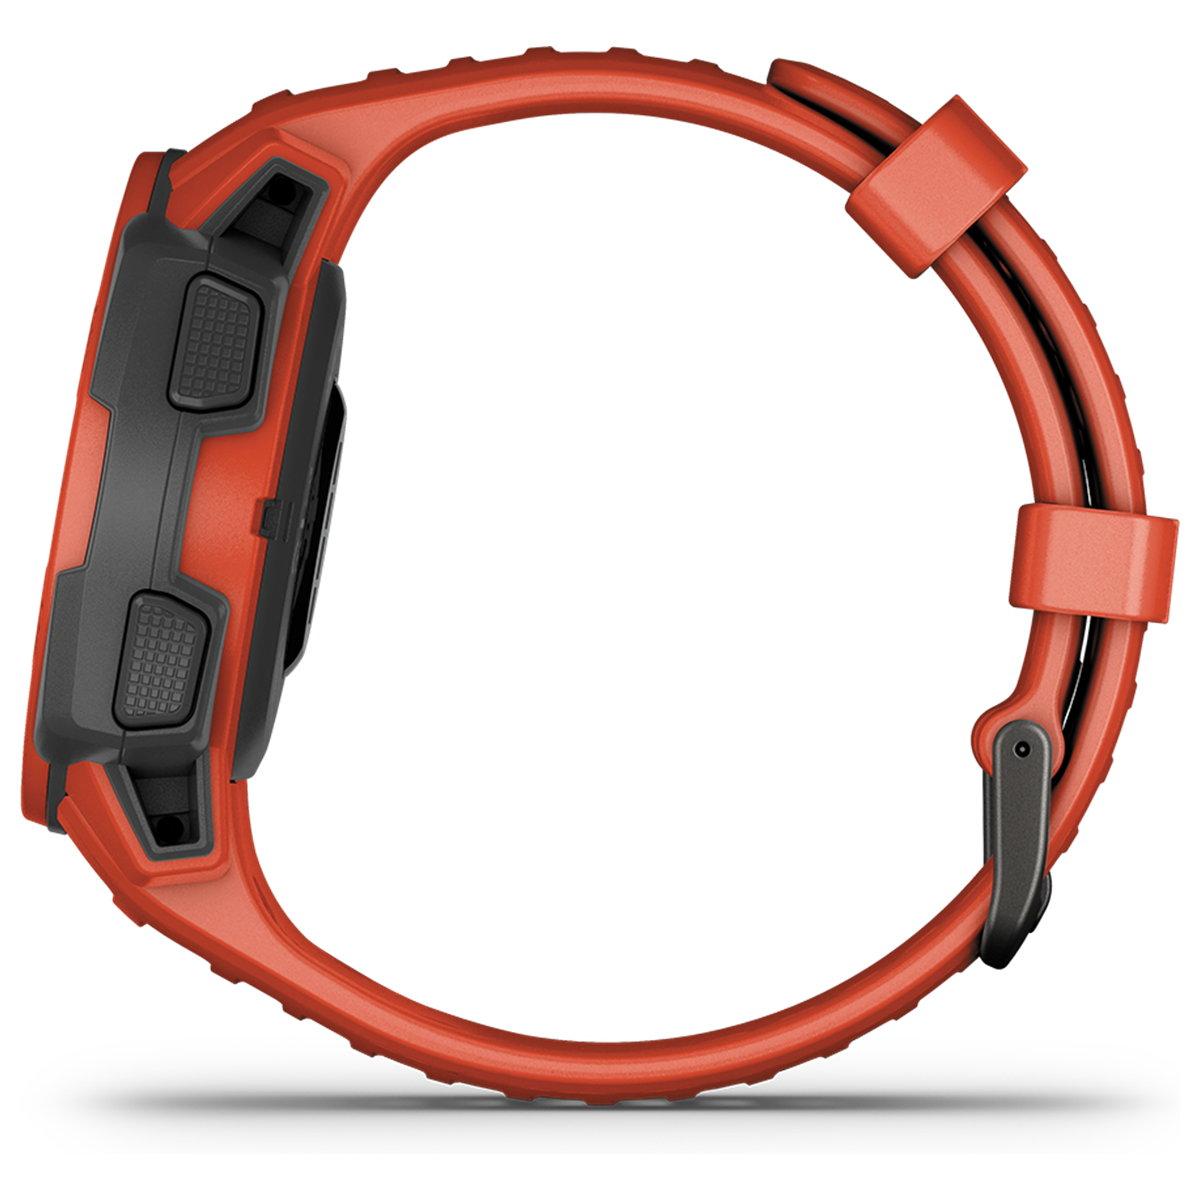 ガーミン GARMIN Instinct Dual Power Flame Red インスティンクト デュアルパワー スマートウォッチ ウェアラブル GPS ソーラー 腕時計 010-02293-70